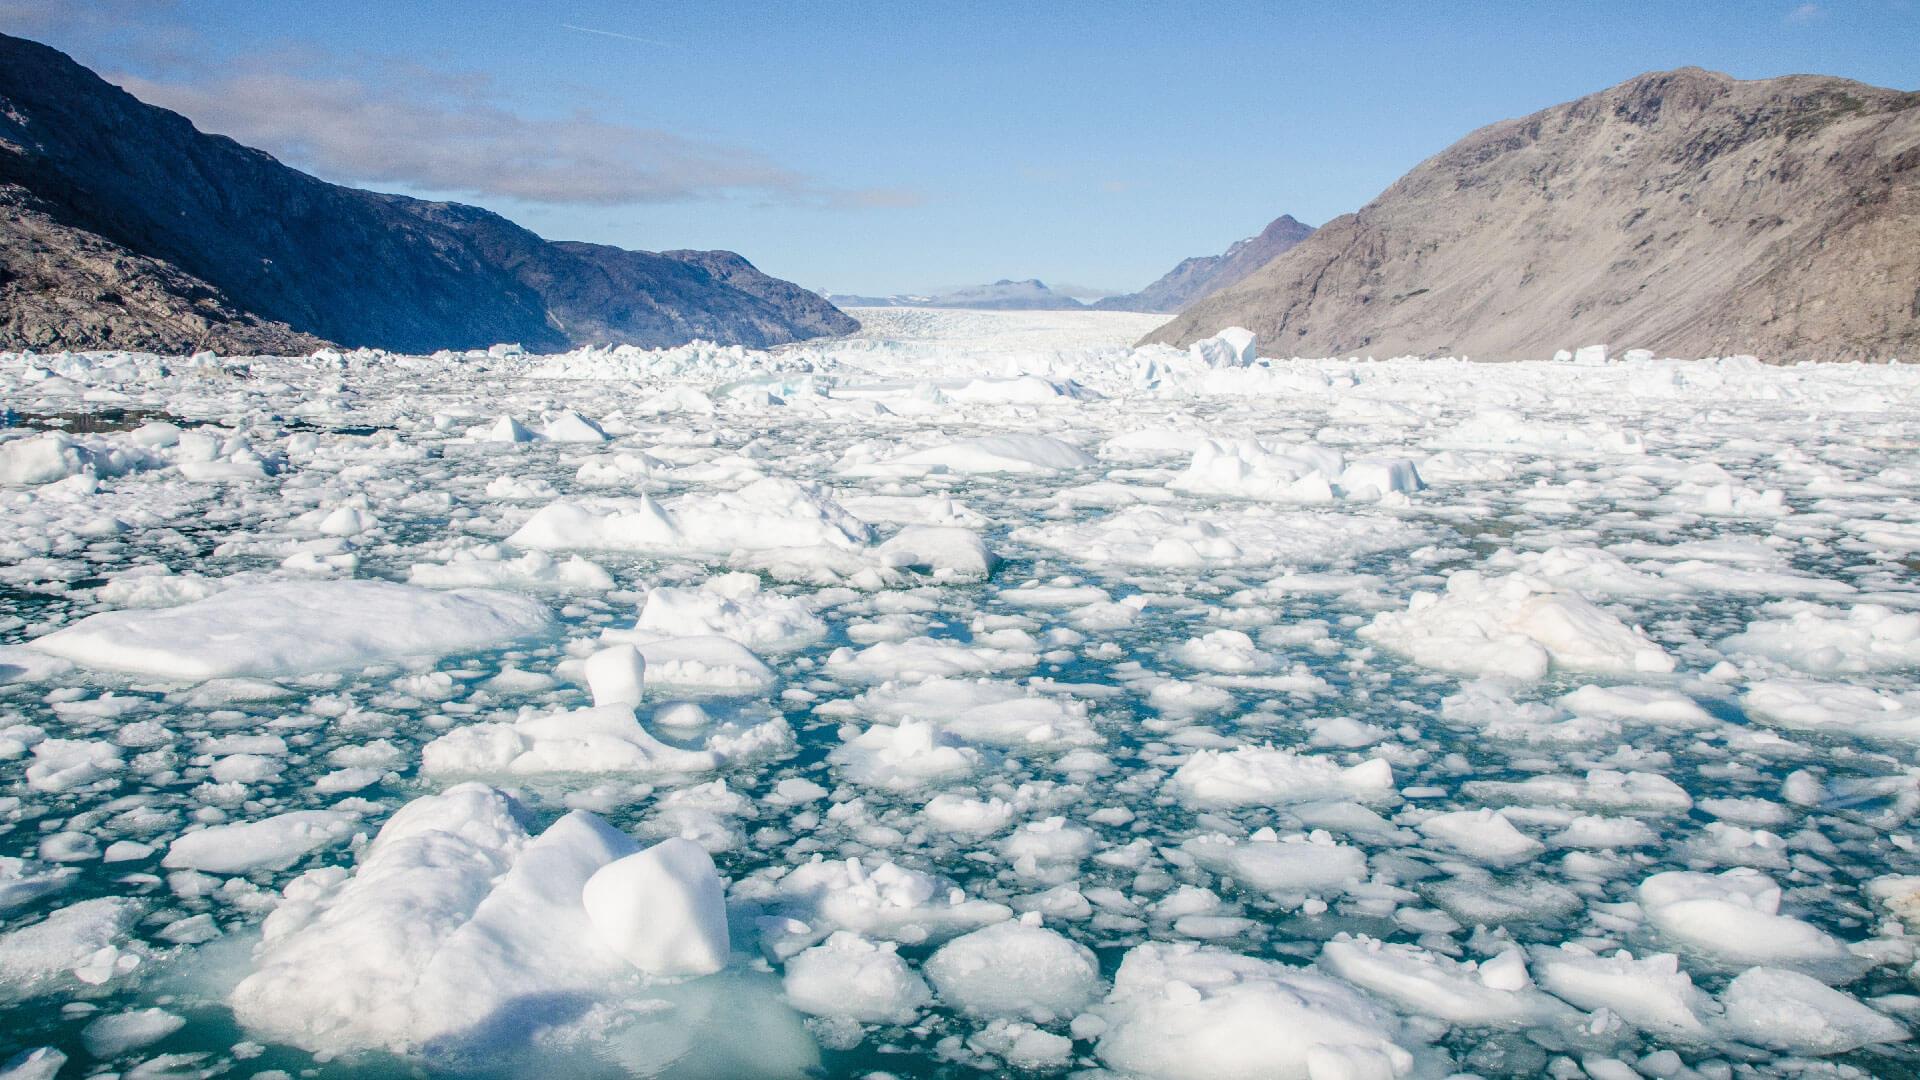 L'acqua ci mette in guardia sui cambiamenti climatici